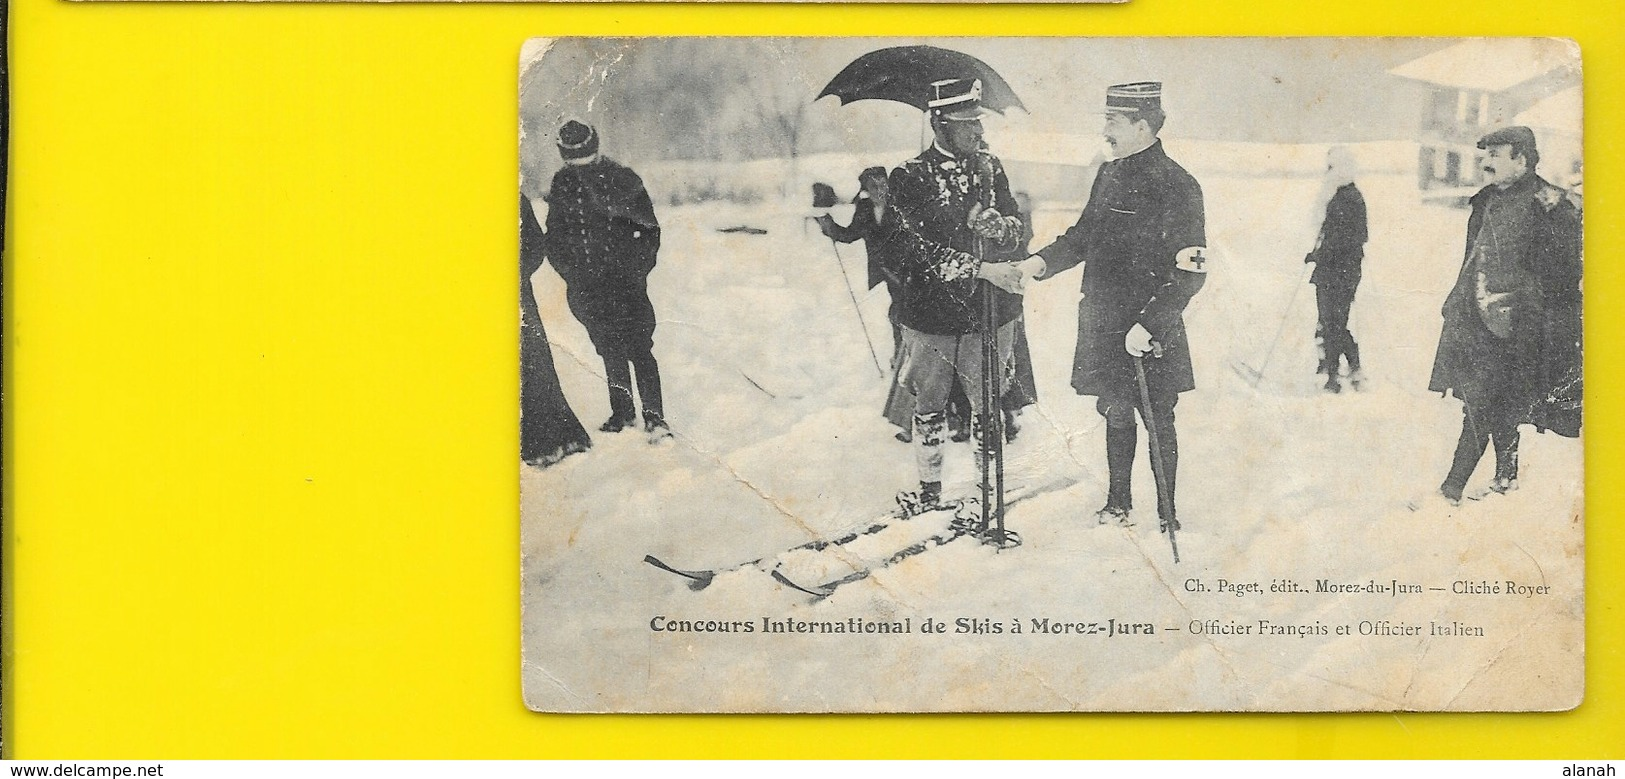 MOREZ Concours De Skis Officiers Français Et Italien (Paget Royer) Jura (39) - Morez